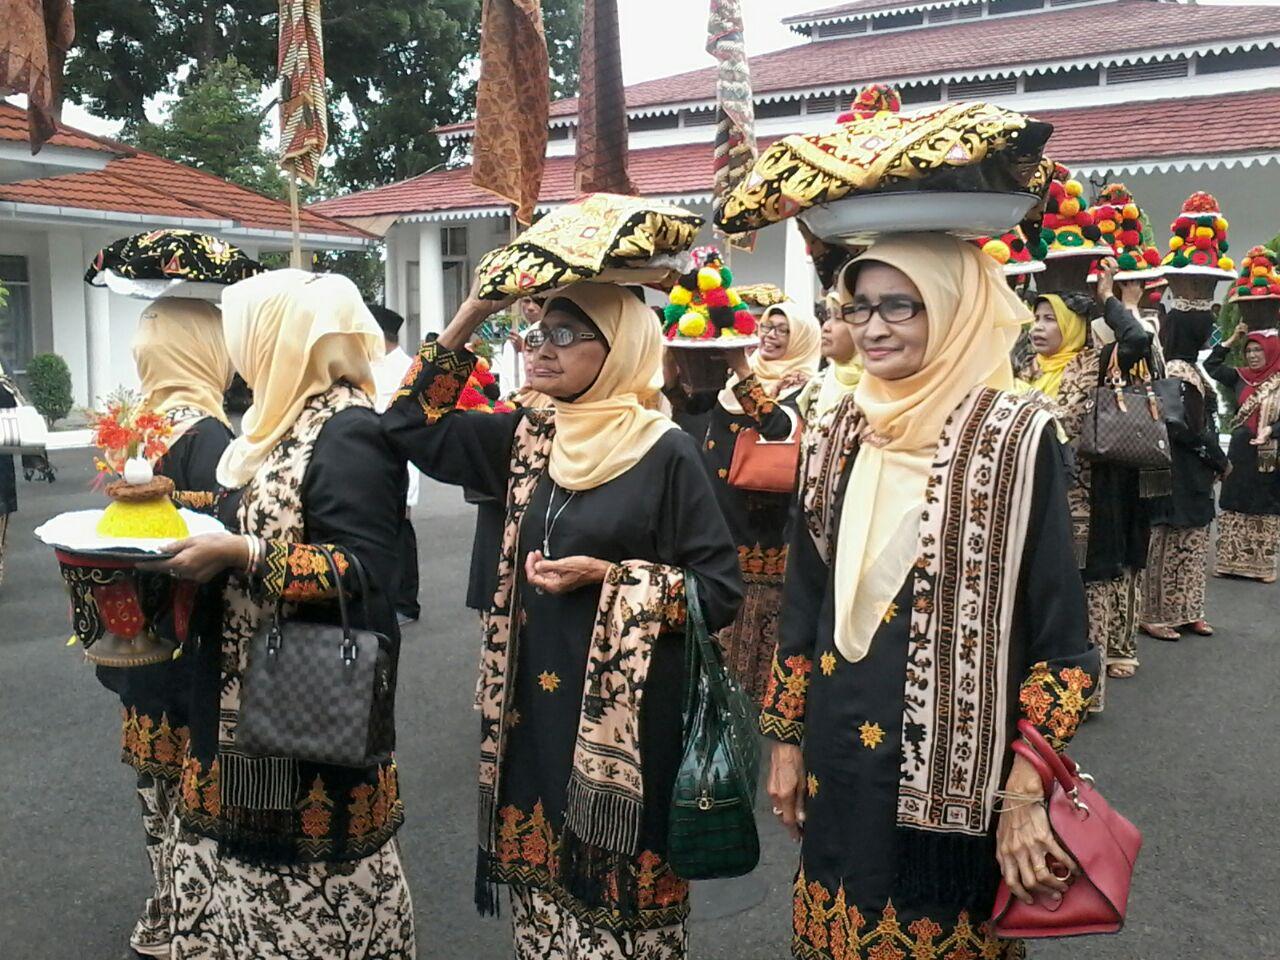 Upacara adat Turun Mandi di Tanah Datar, Sumatra Barat   pasbana.com